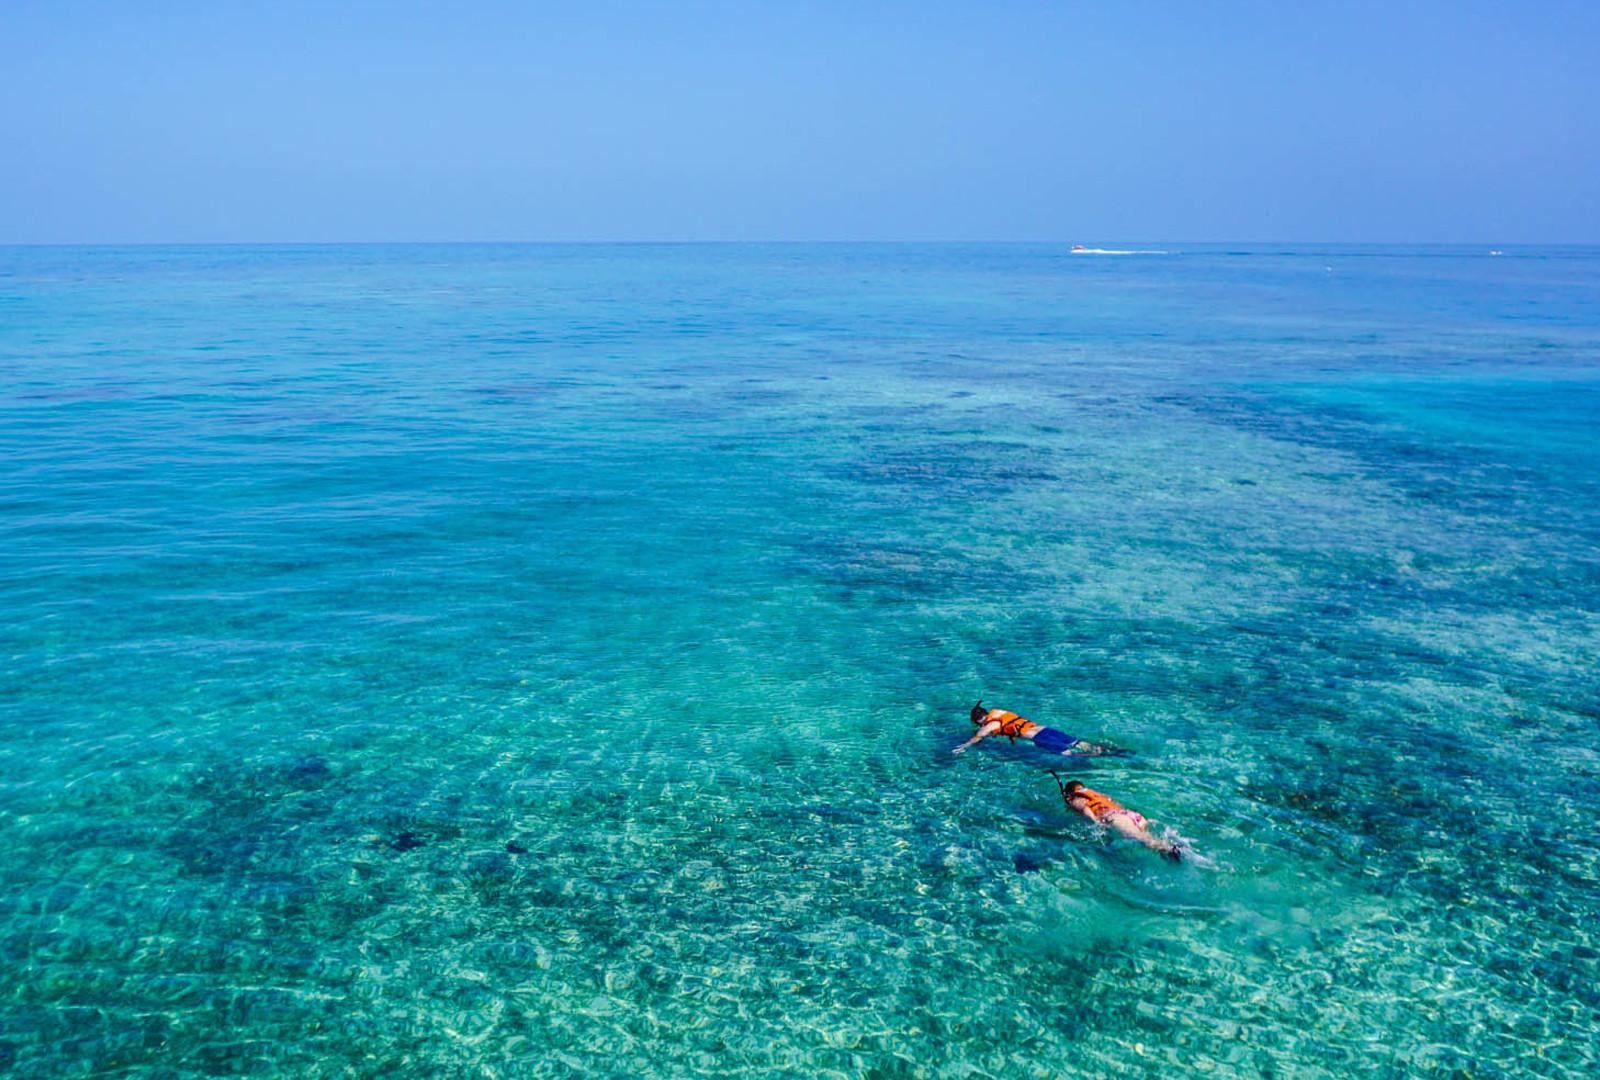 沖縄の海は、マリンスポーツで楽しもう!おすすめのマリンアクティビティ特集